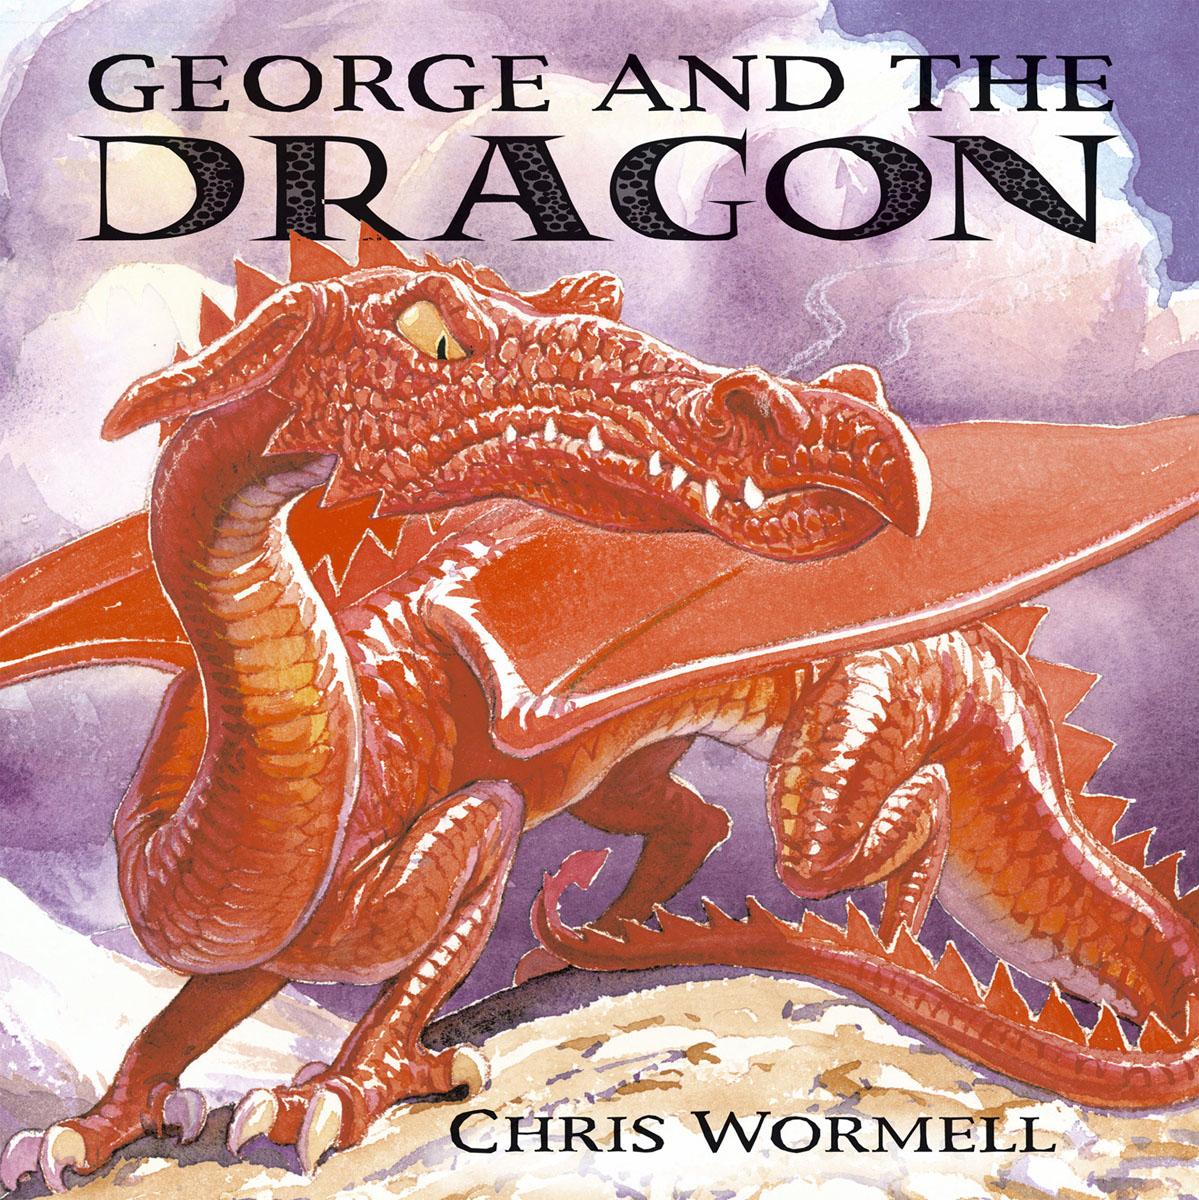 маска для сноуборда dragon d2 murdered dark smoke George And The Dragon